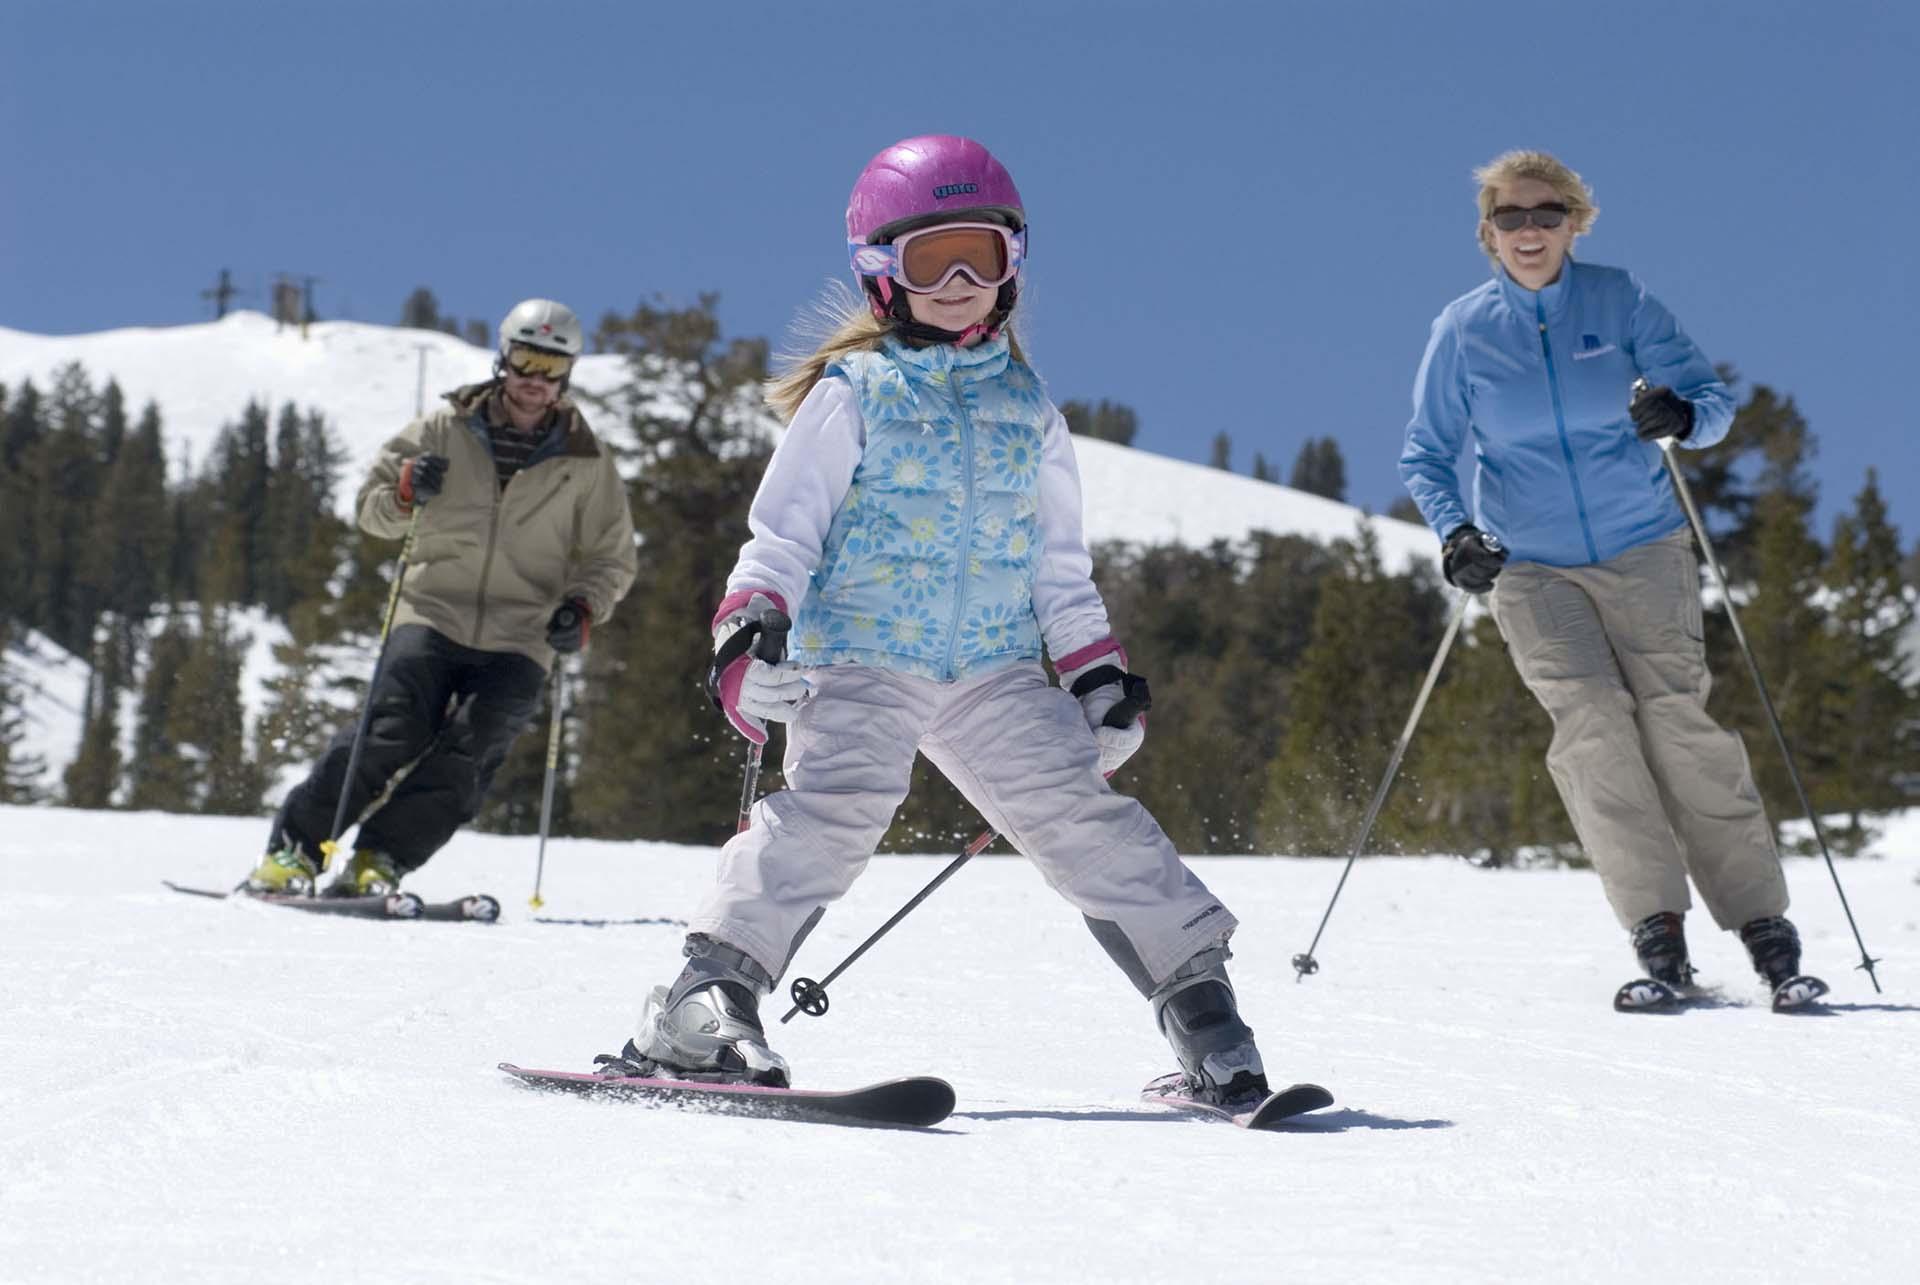 lee canyon las vegas ski resort e diversao para toda a familia venha curtir a neve